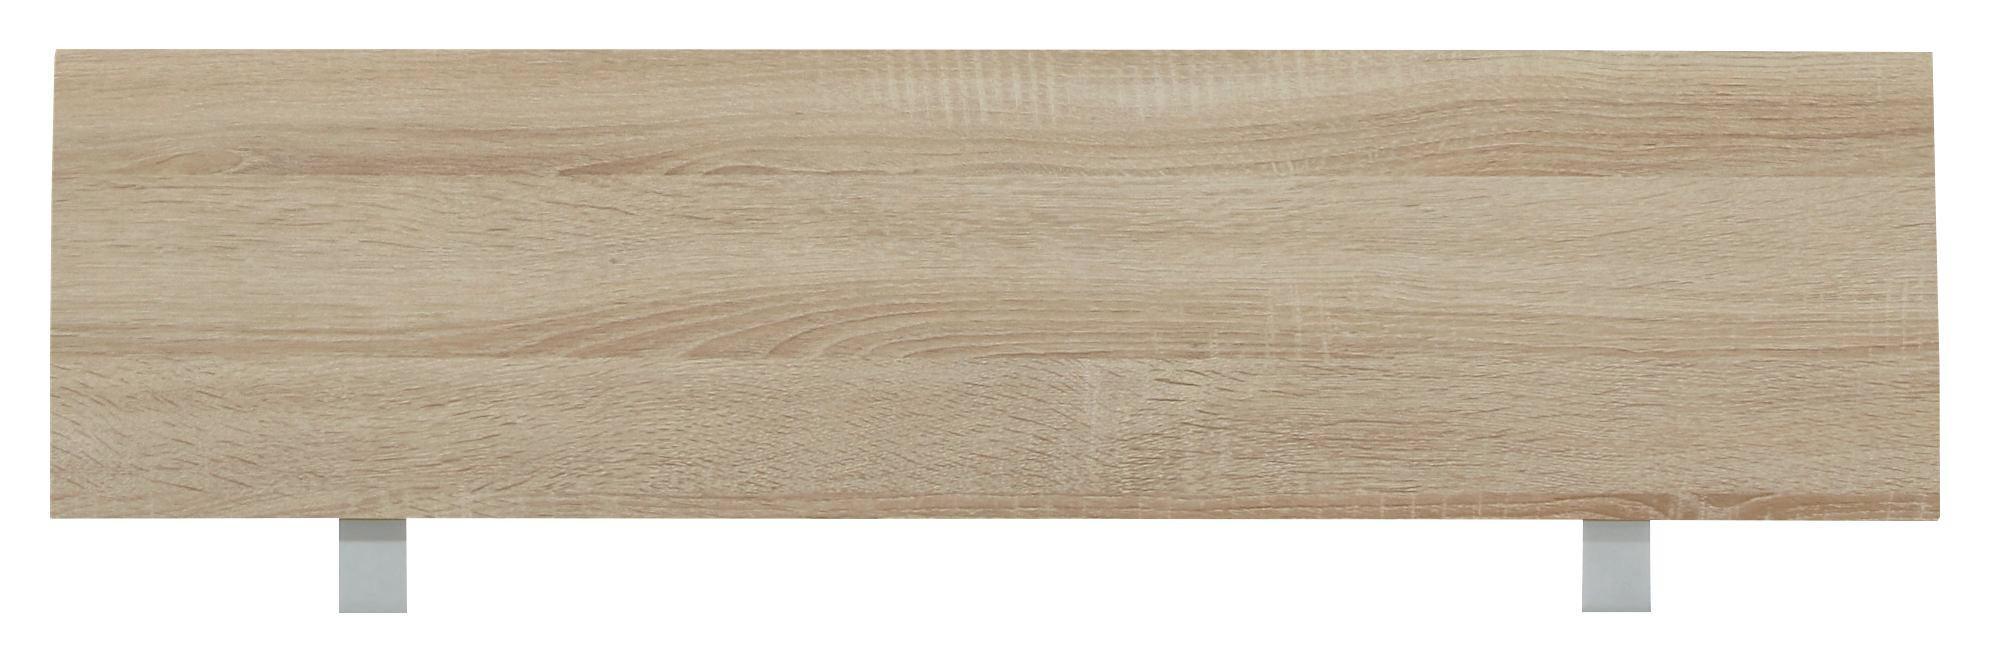 Záhlaví Belia - Konvenční, dřevo (120cm)